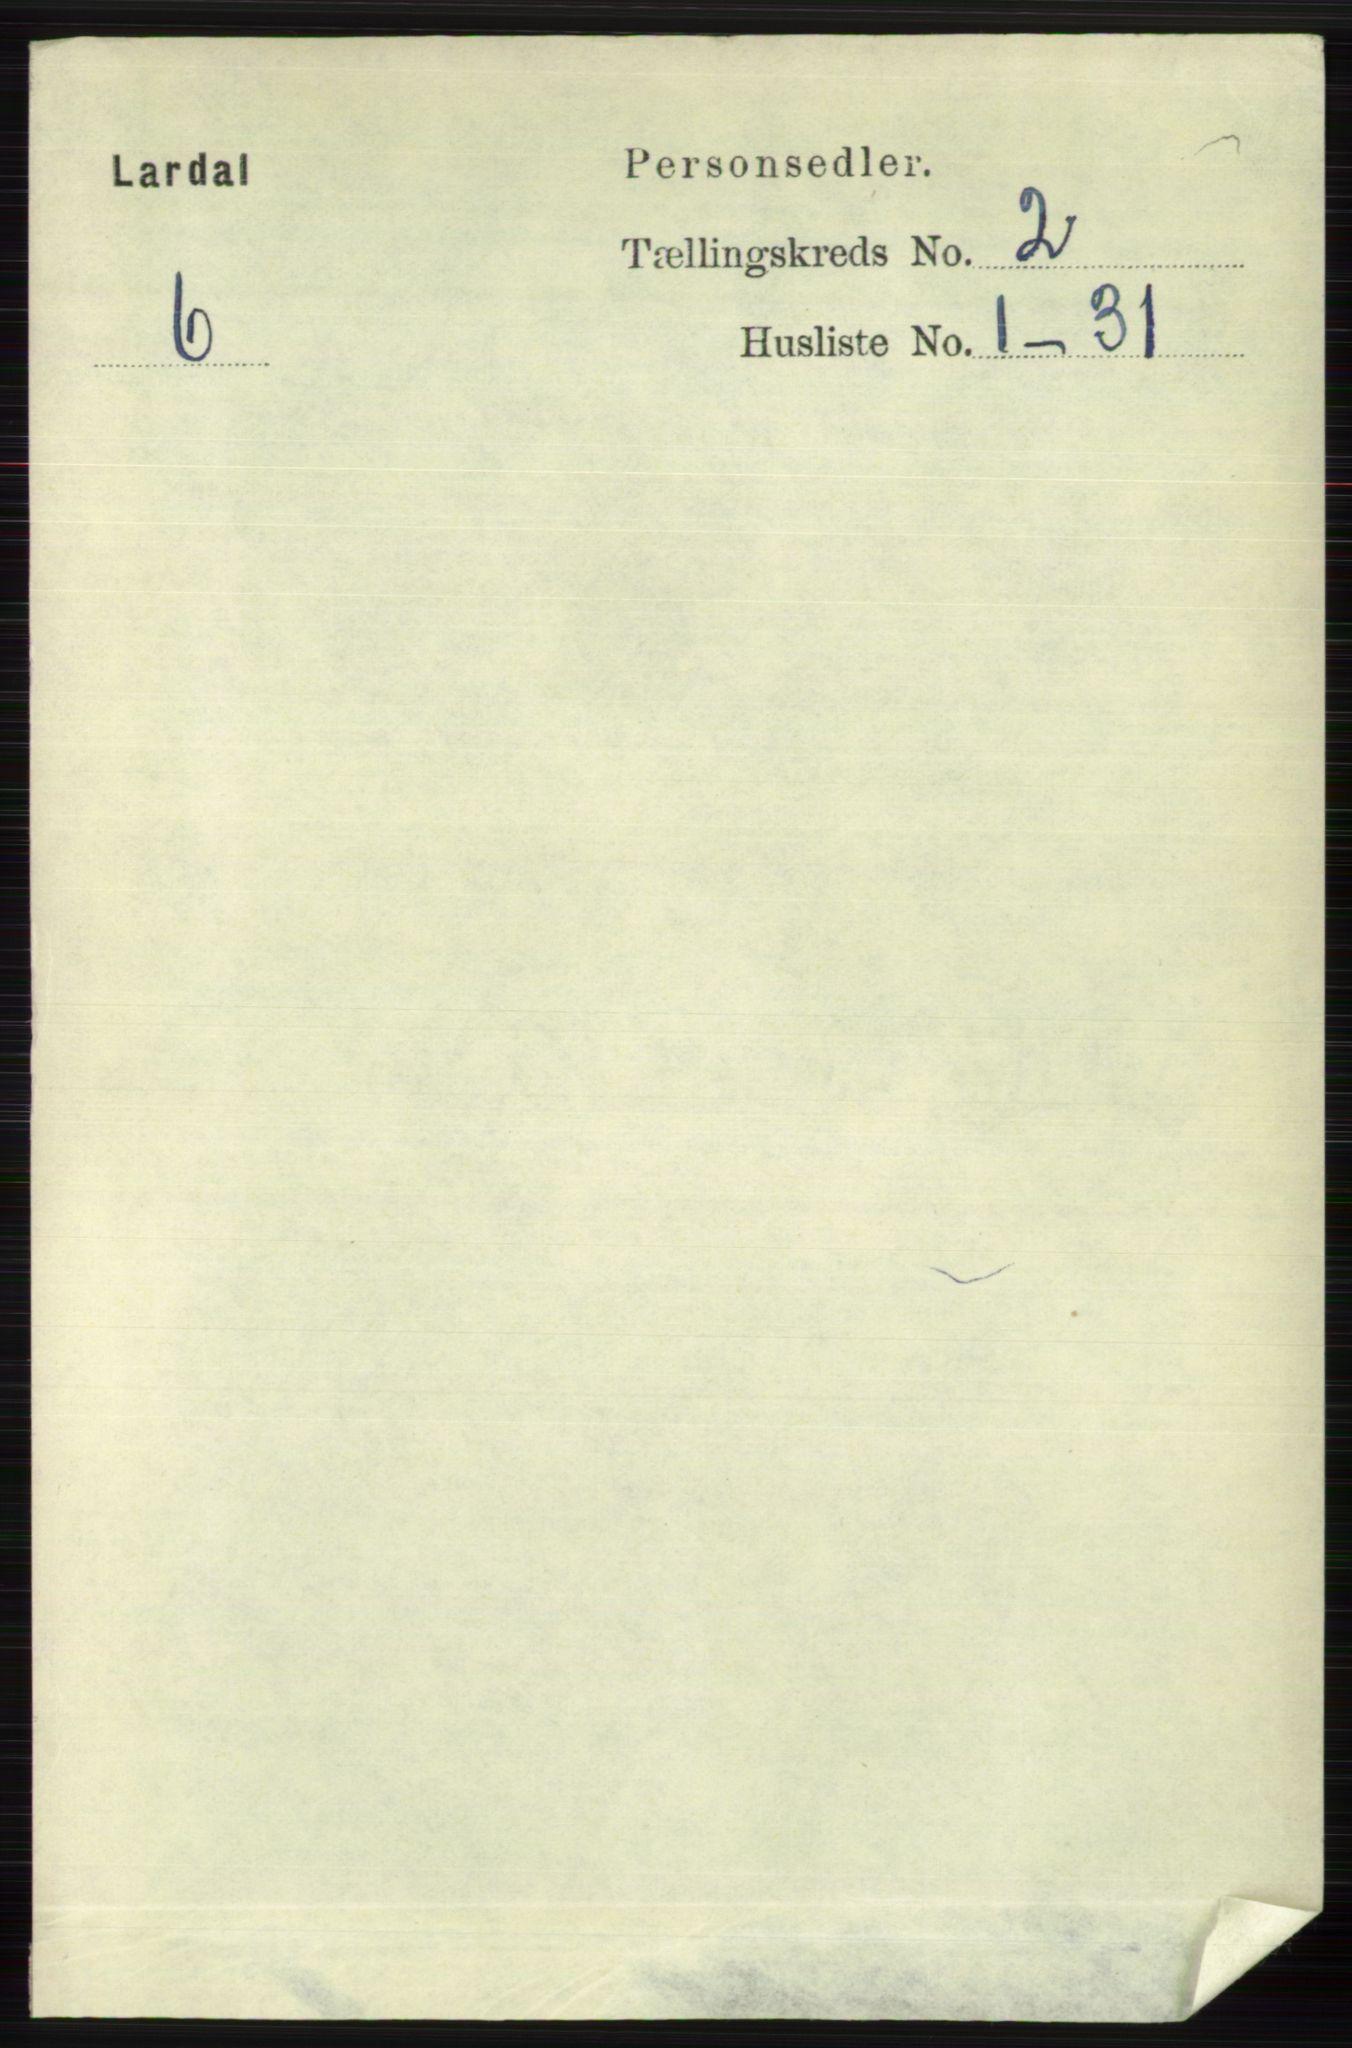 RA, Folketelling 1891 for 0728 Lardal herred, 1891, s. 726